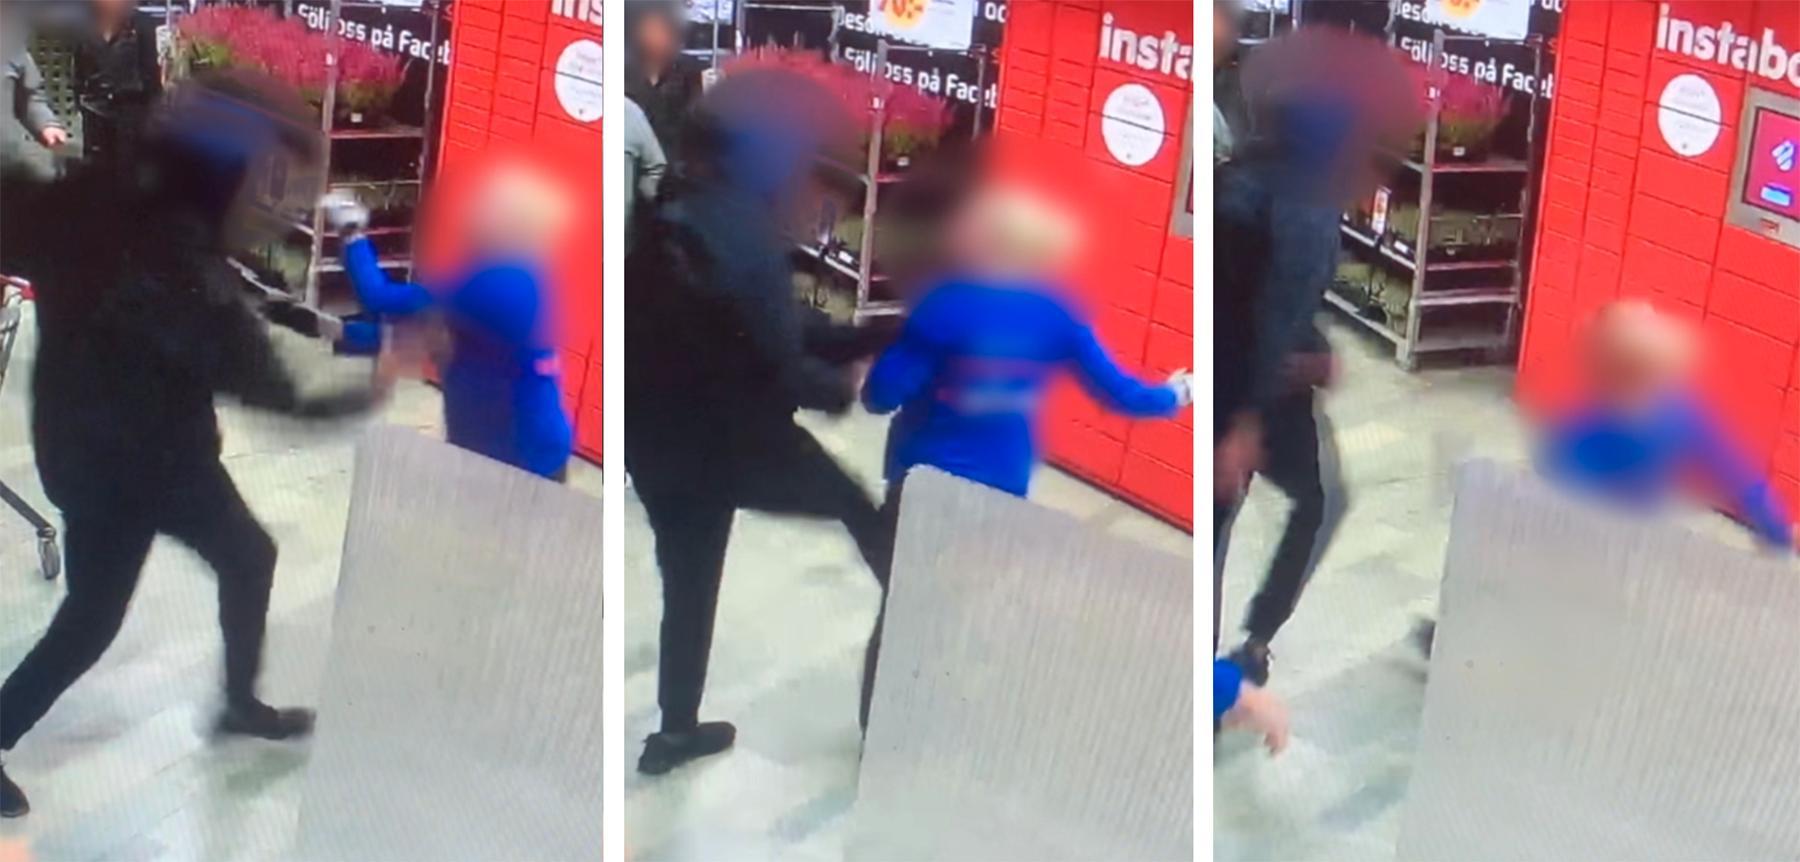 Butikens övervakningskamera fångade kalabaliken på film.